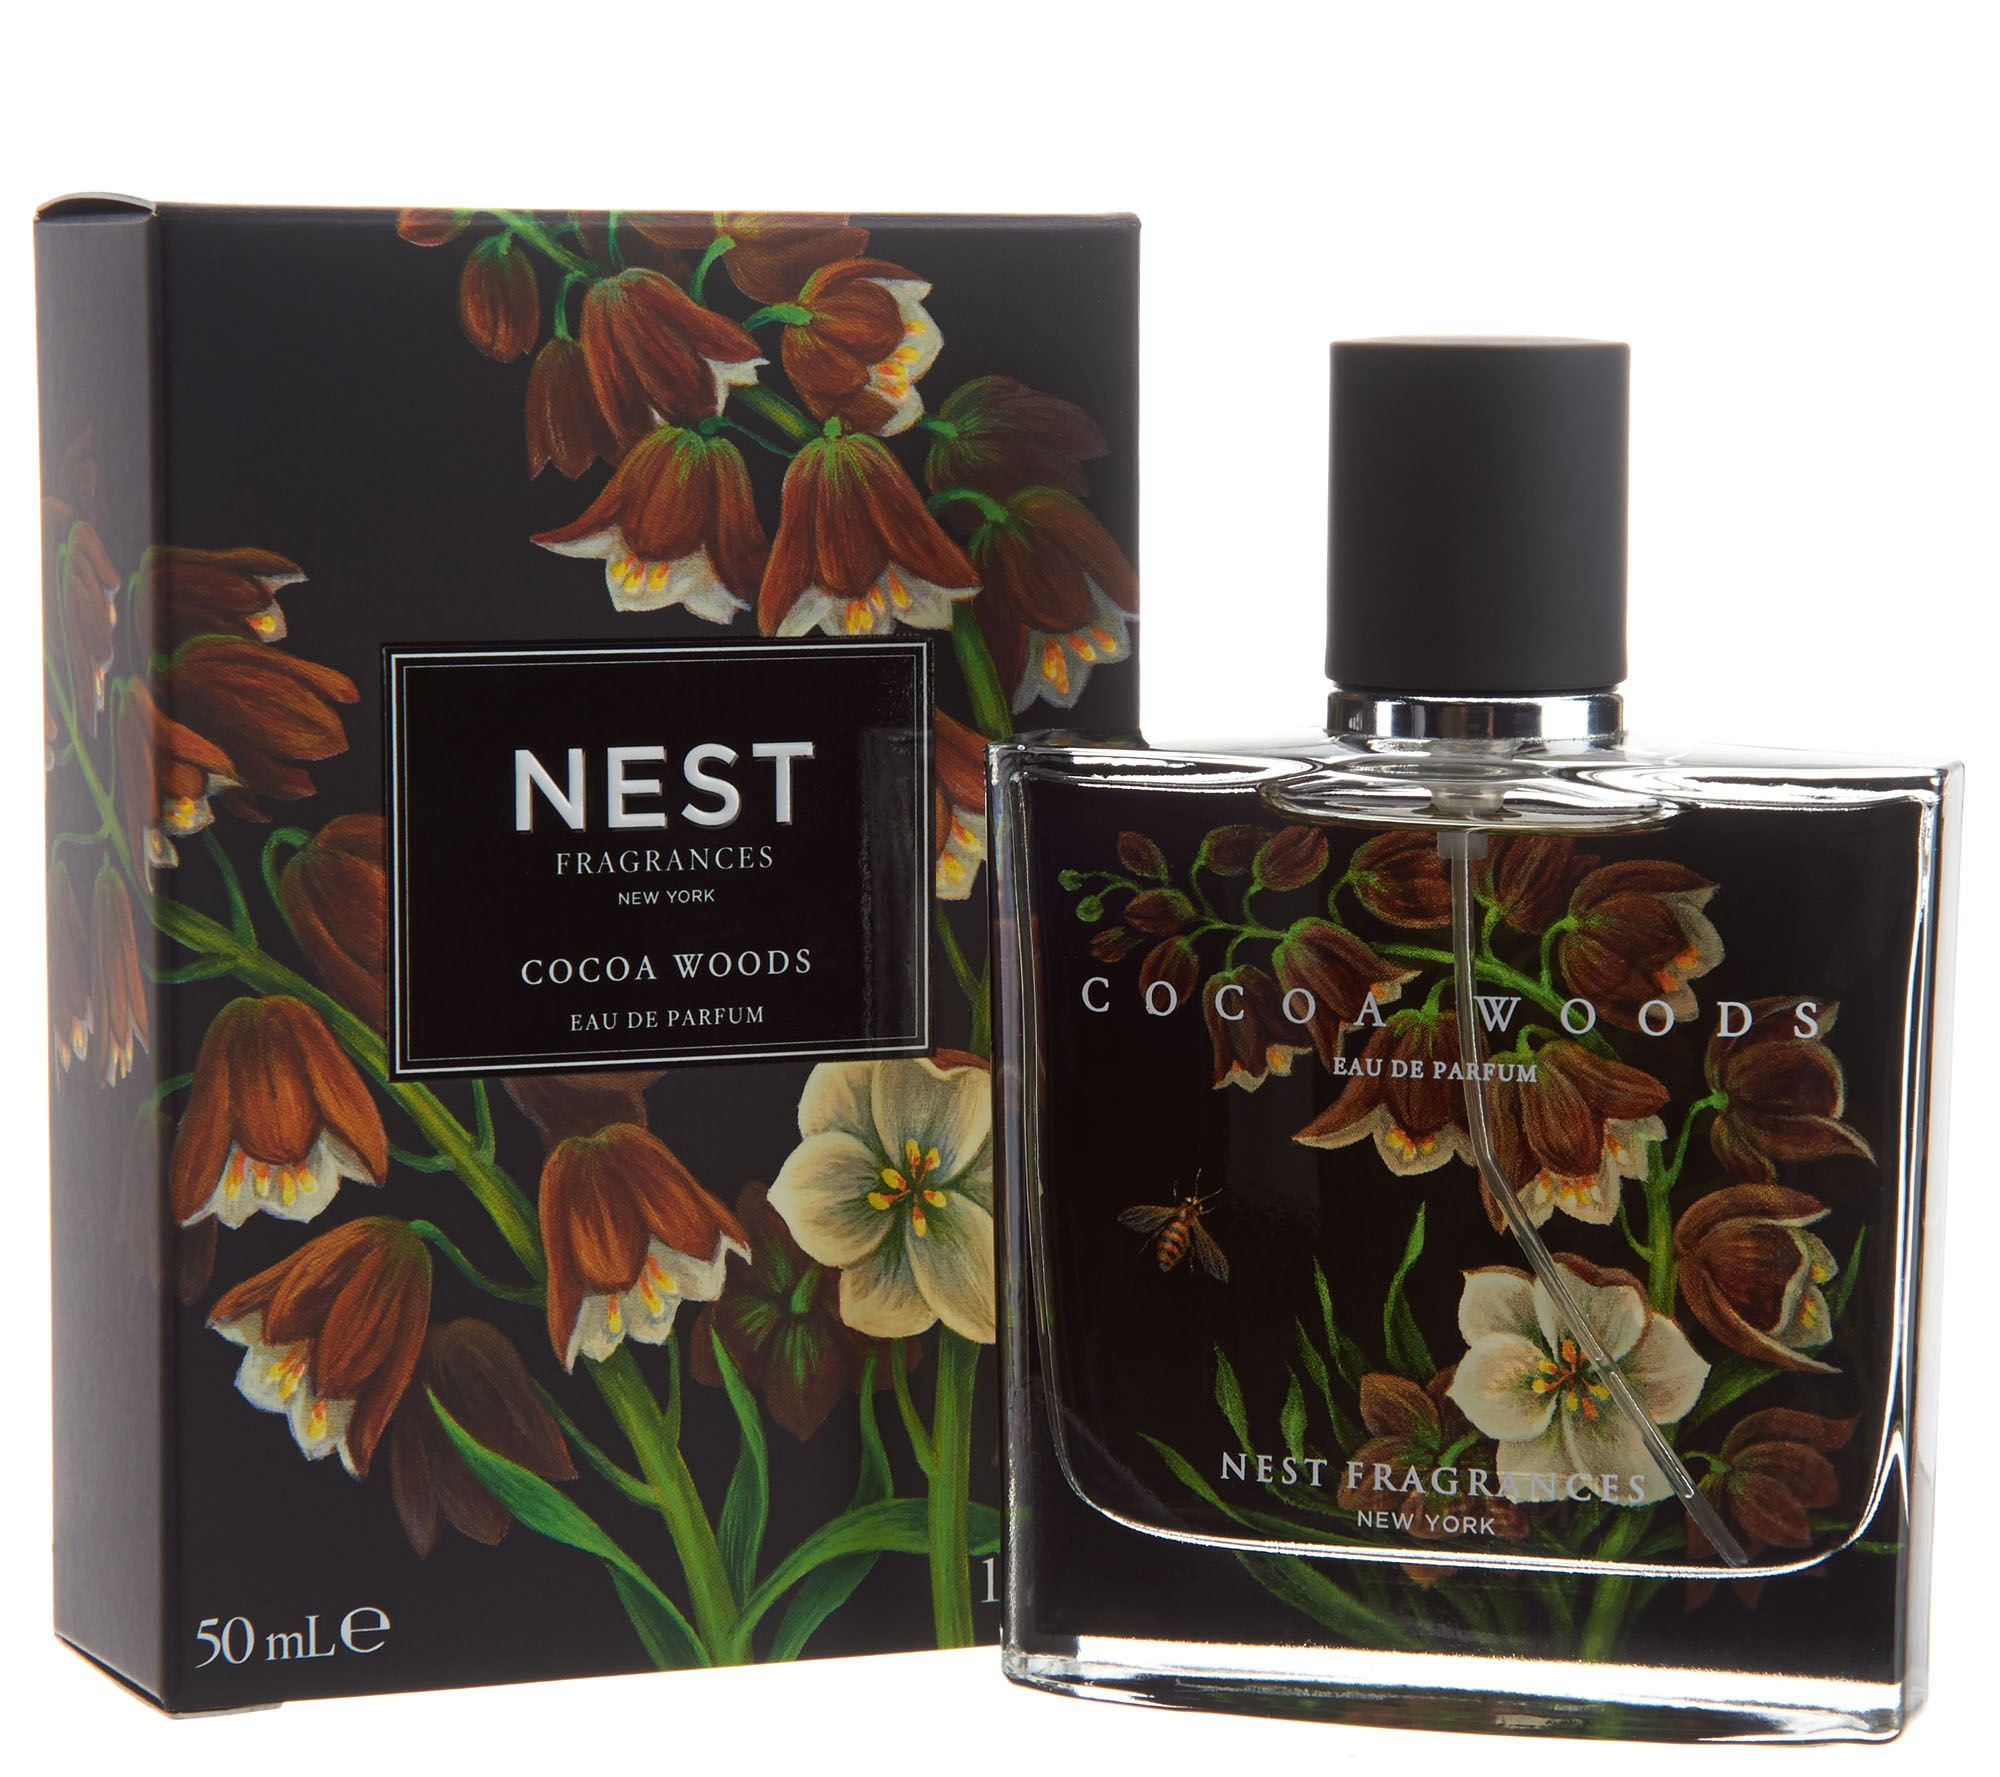 d21e46cb91 NEST Fragrances 1.7 fl. oz. Eau de Parfum - Page 1 — QVC.com